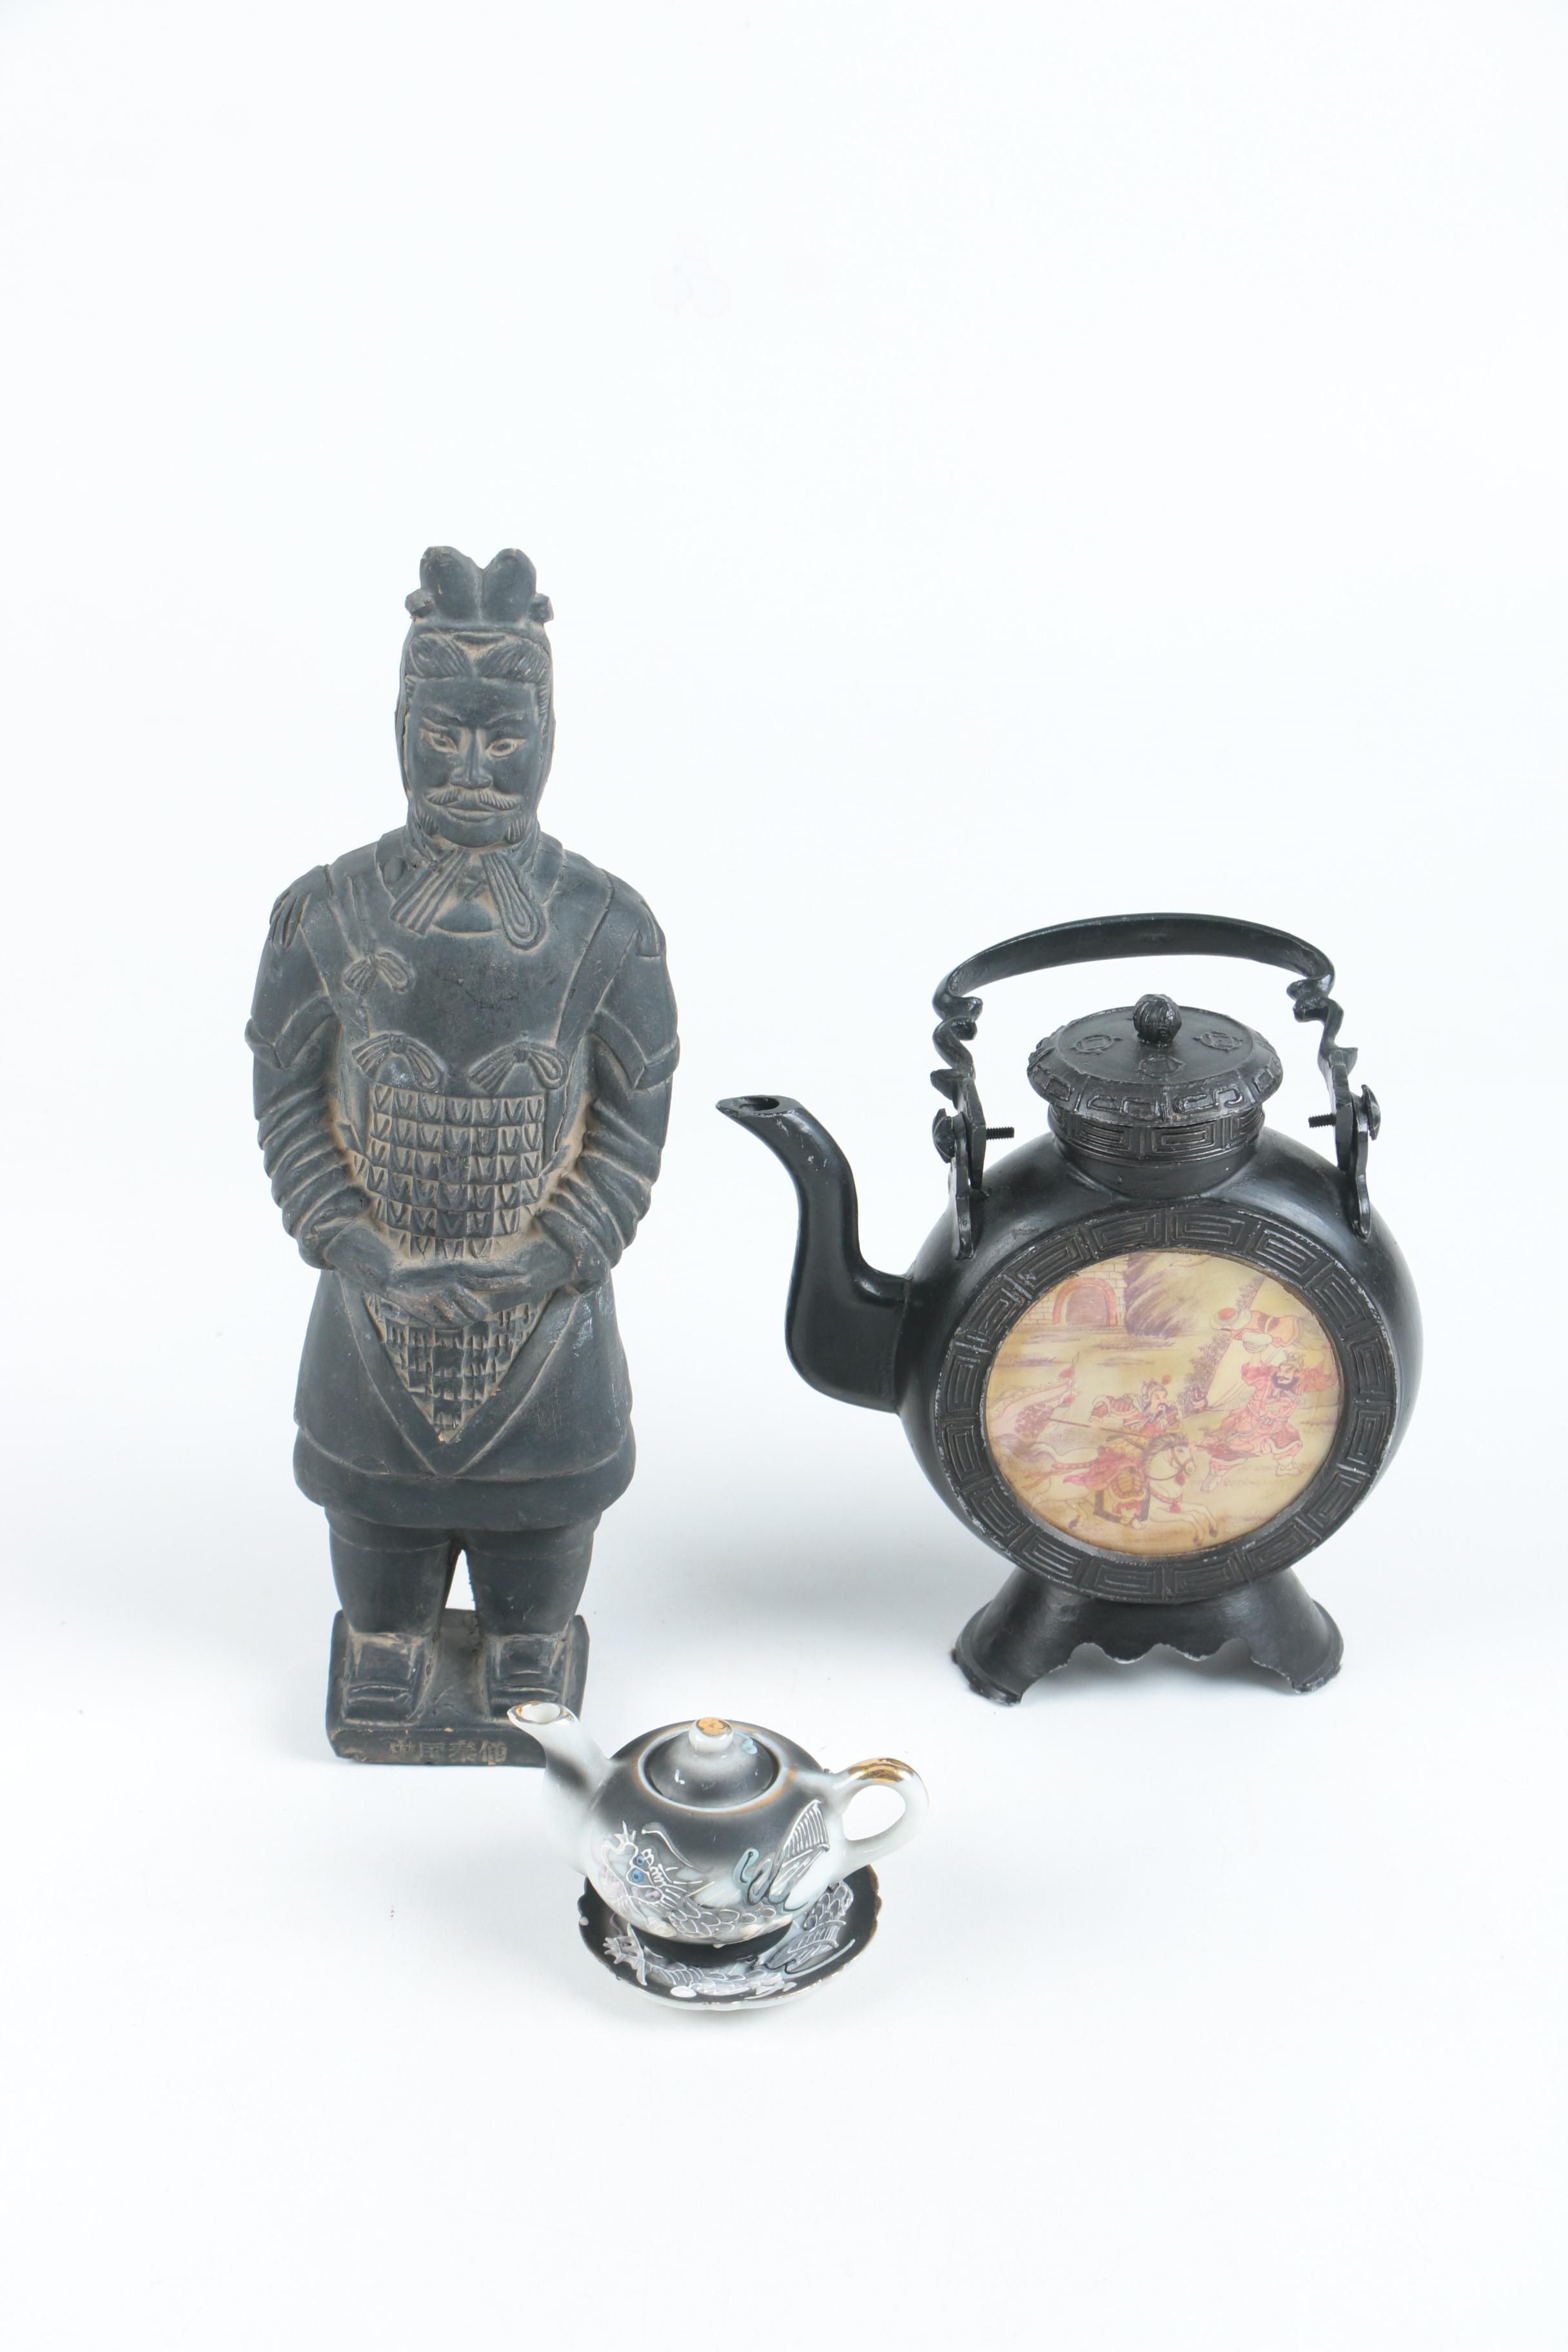 Vintage Asian Decor Assortment